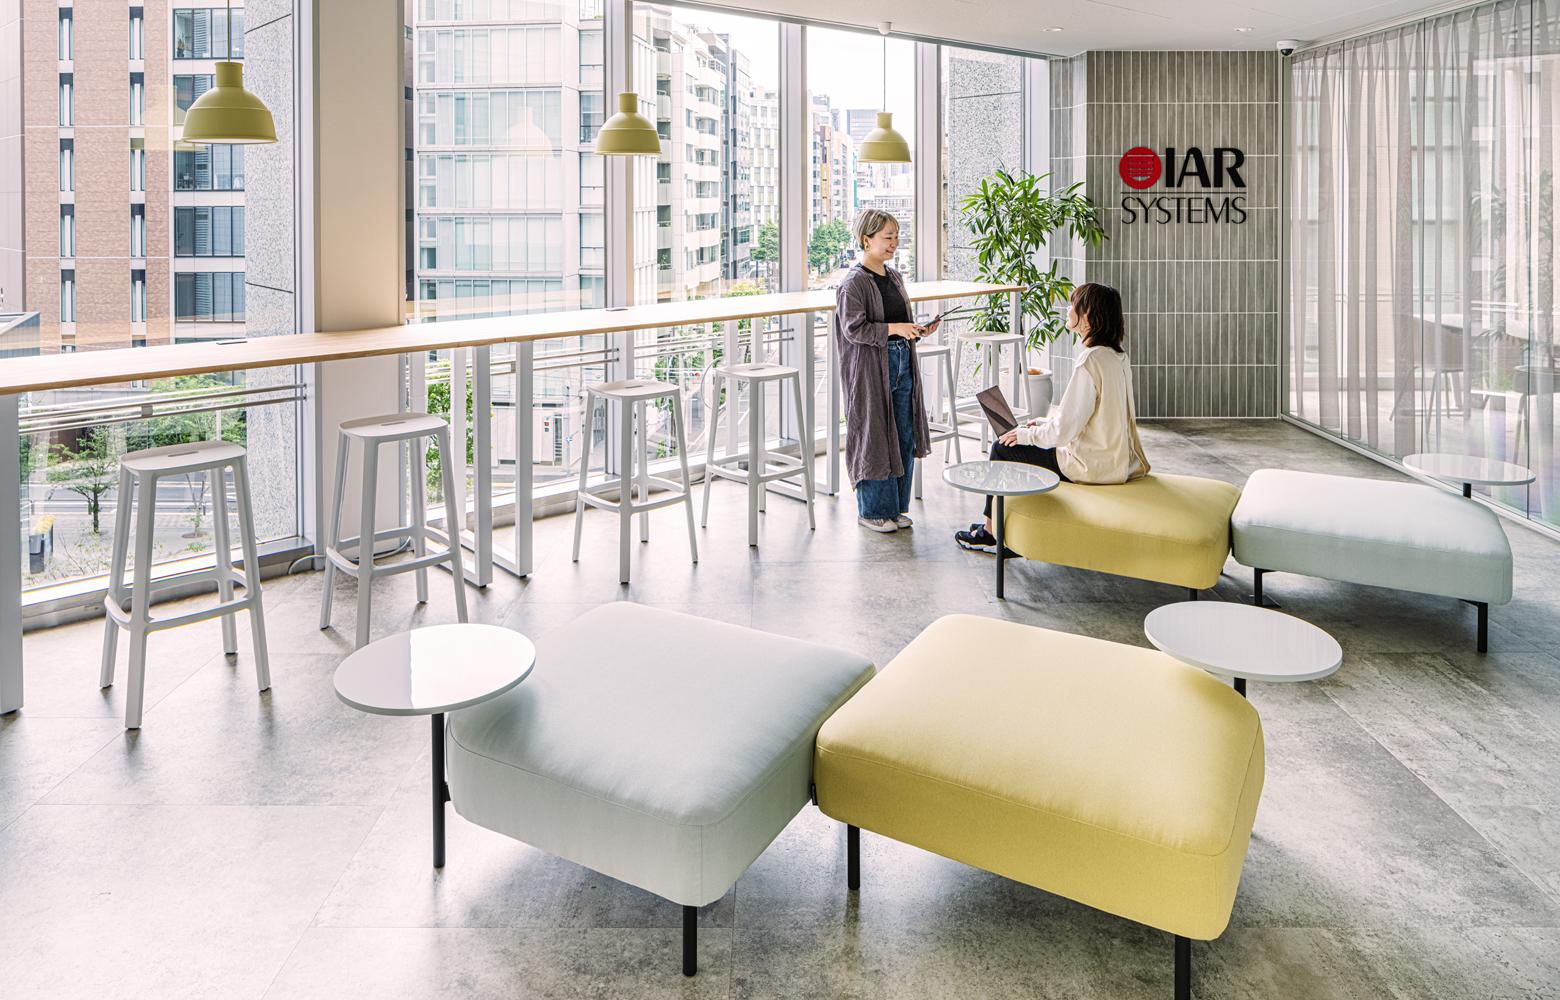 IARシステムズ株式会社 Entrance Lounge デザイン・レイアウト事例